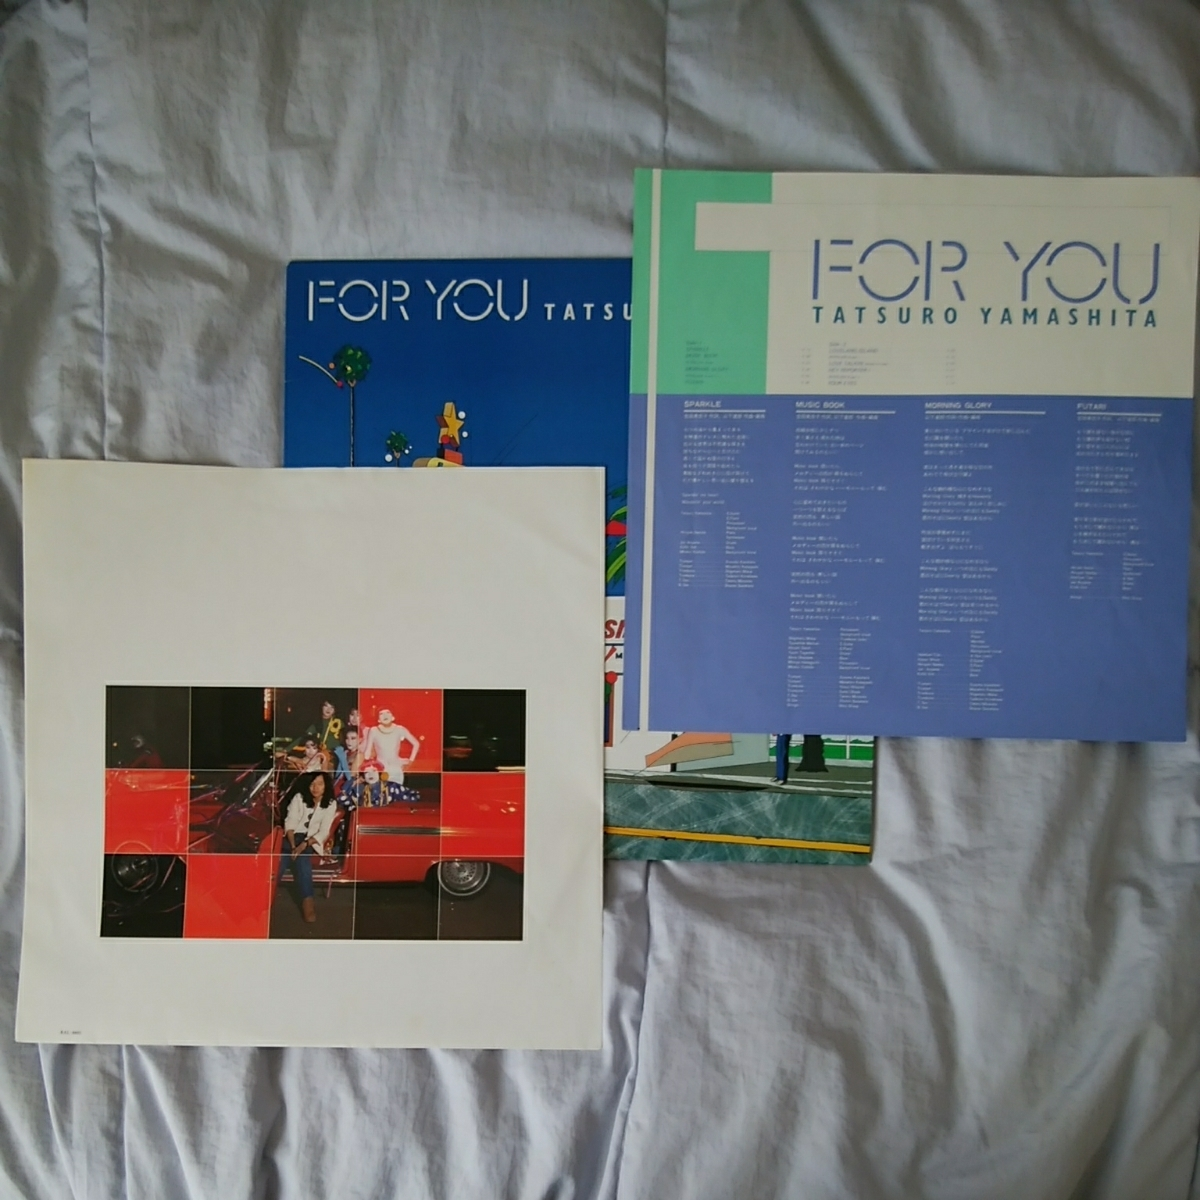 【2枚セット】山下達郎 ♪♪ FOR YOU / MELODIES LPレコード_画像4